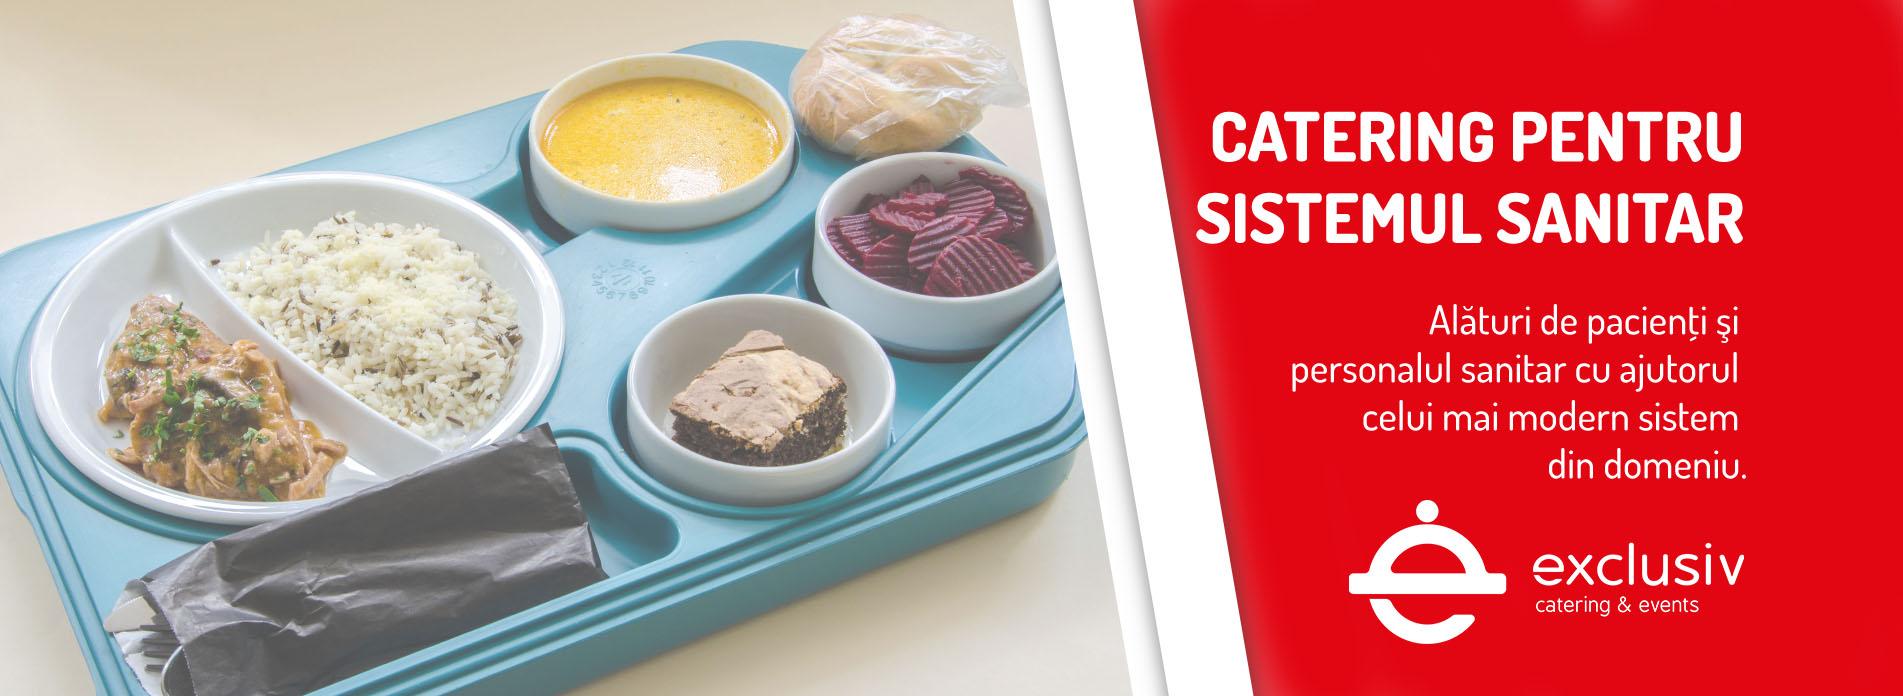 slider-6-catering-pentru-sistemul-sanitar